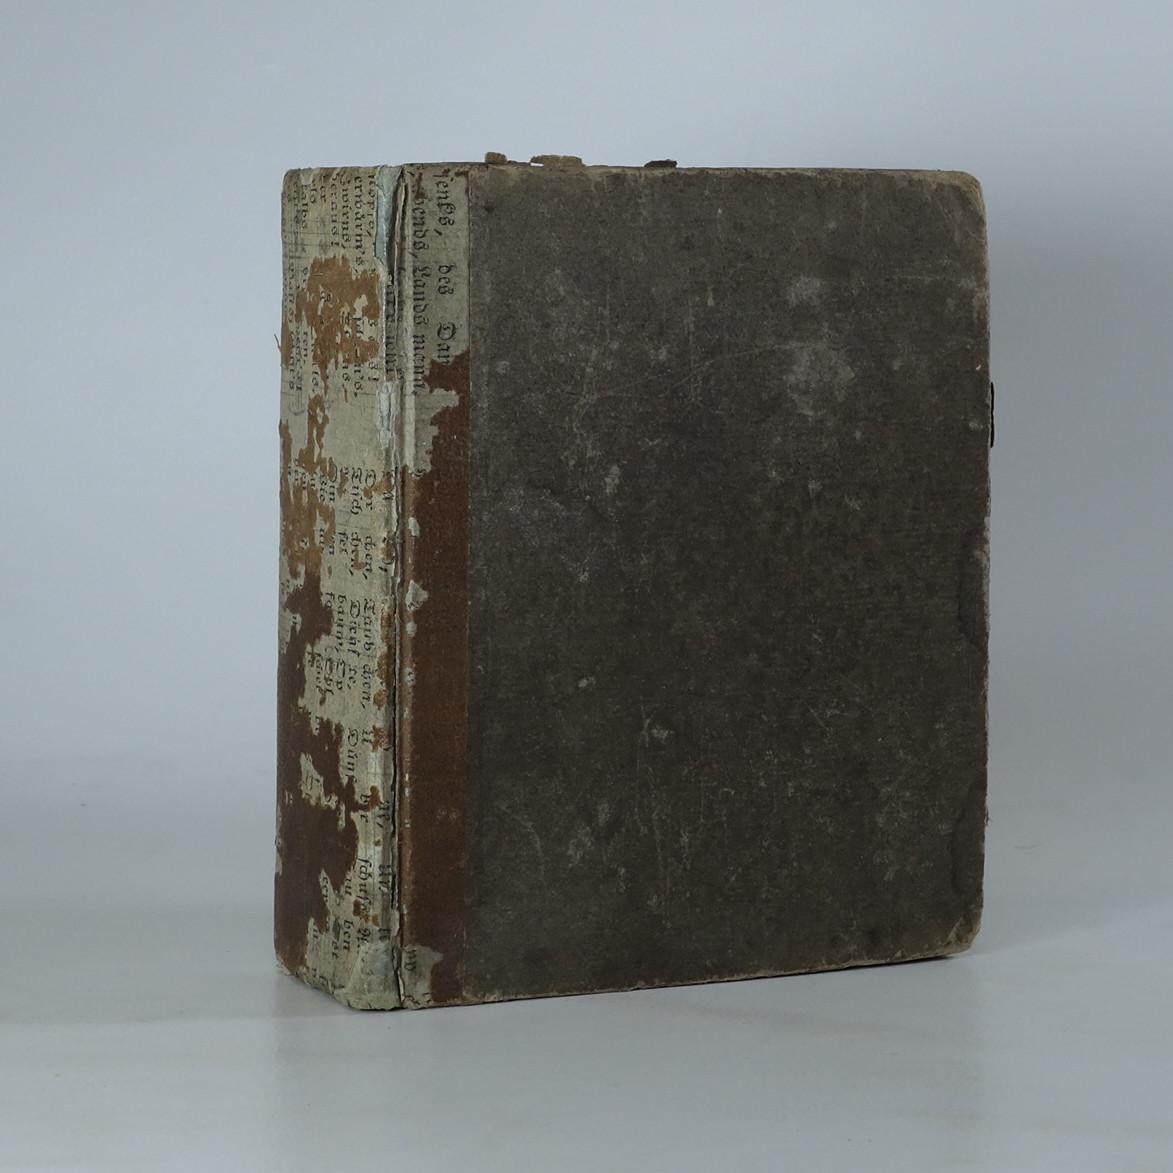 antikvární kniha Neues holländisch-deutsches und deutsch-holländisches Taschenwörterbuch, 1836